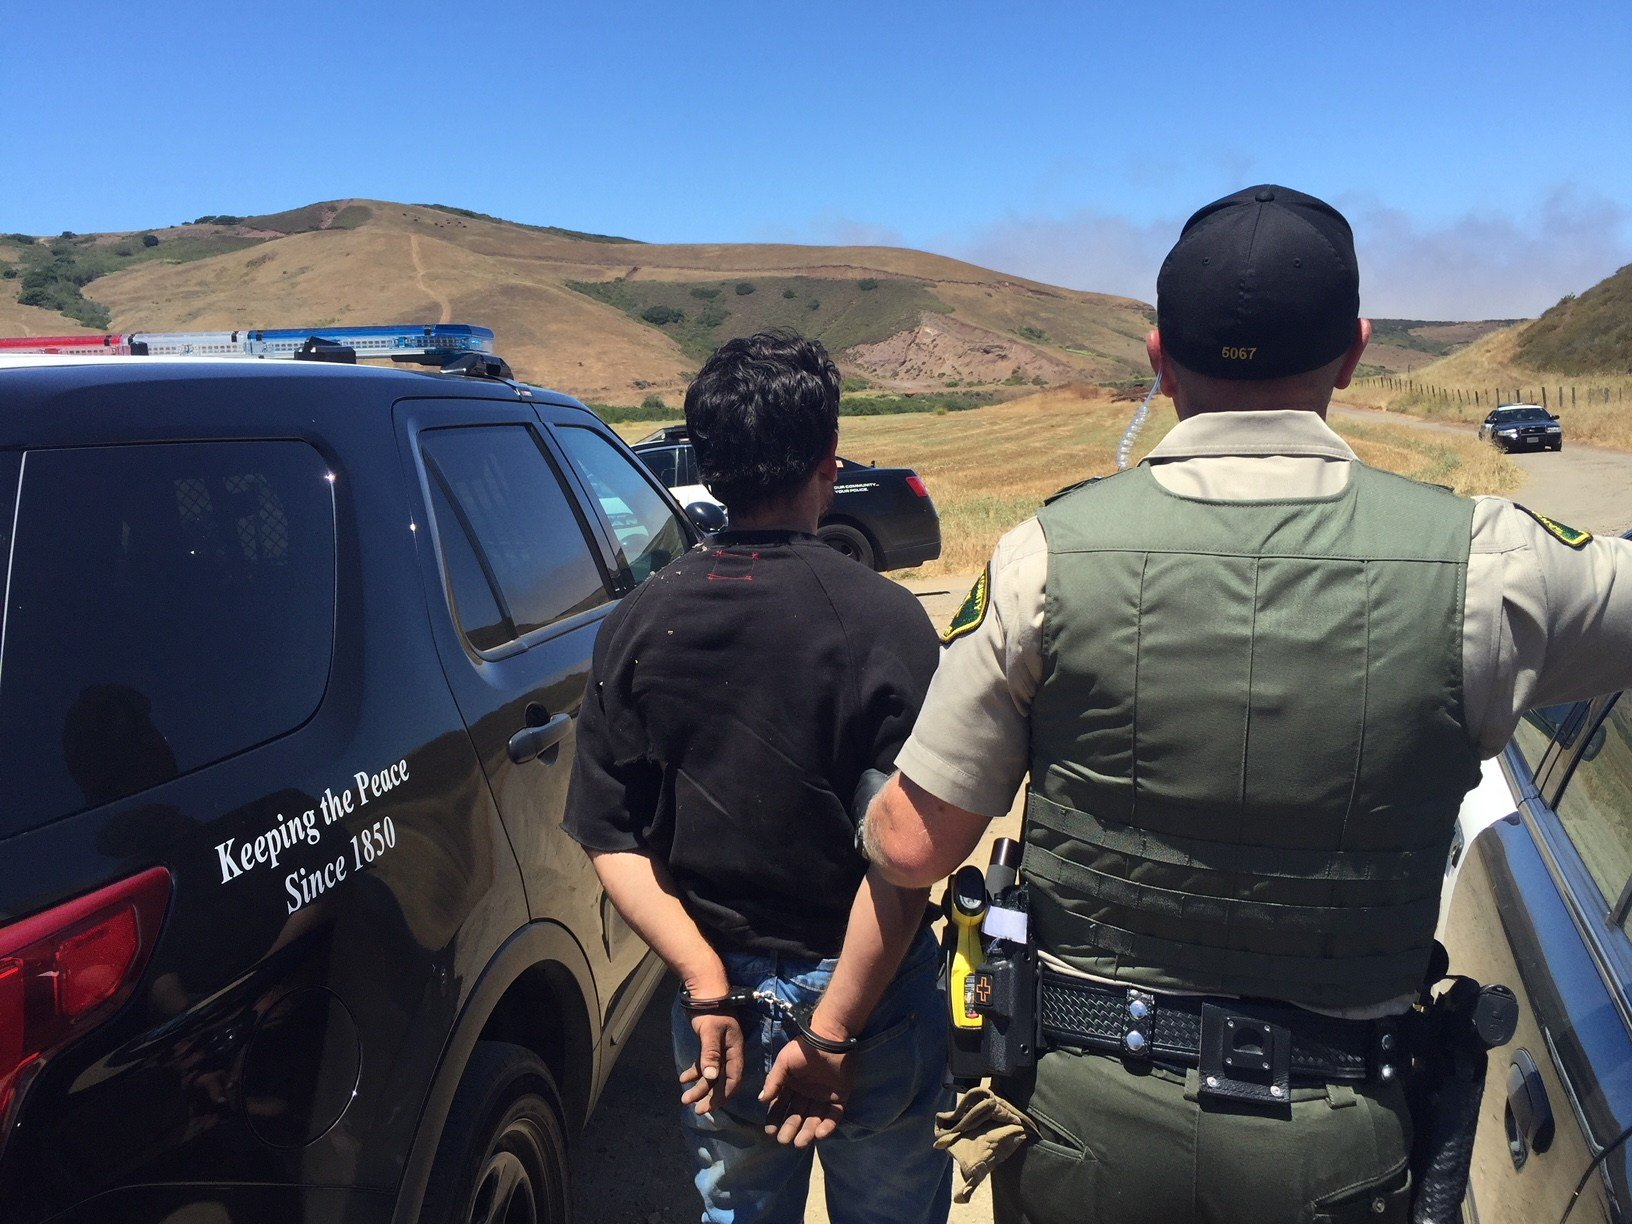 Photo courtesy Santa Barbara County Sheriff